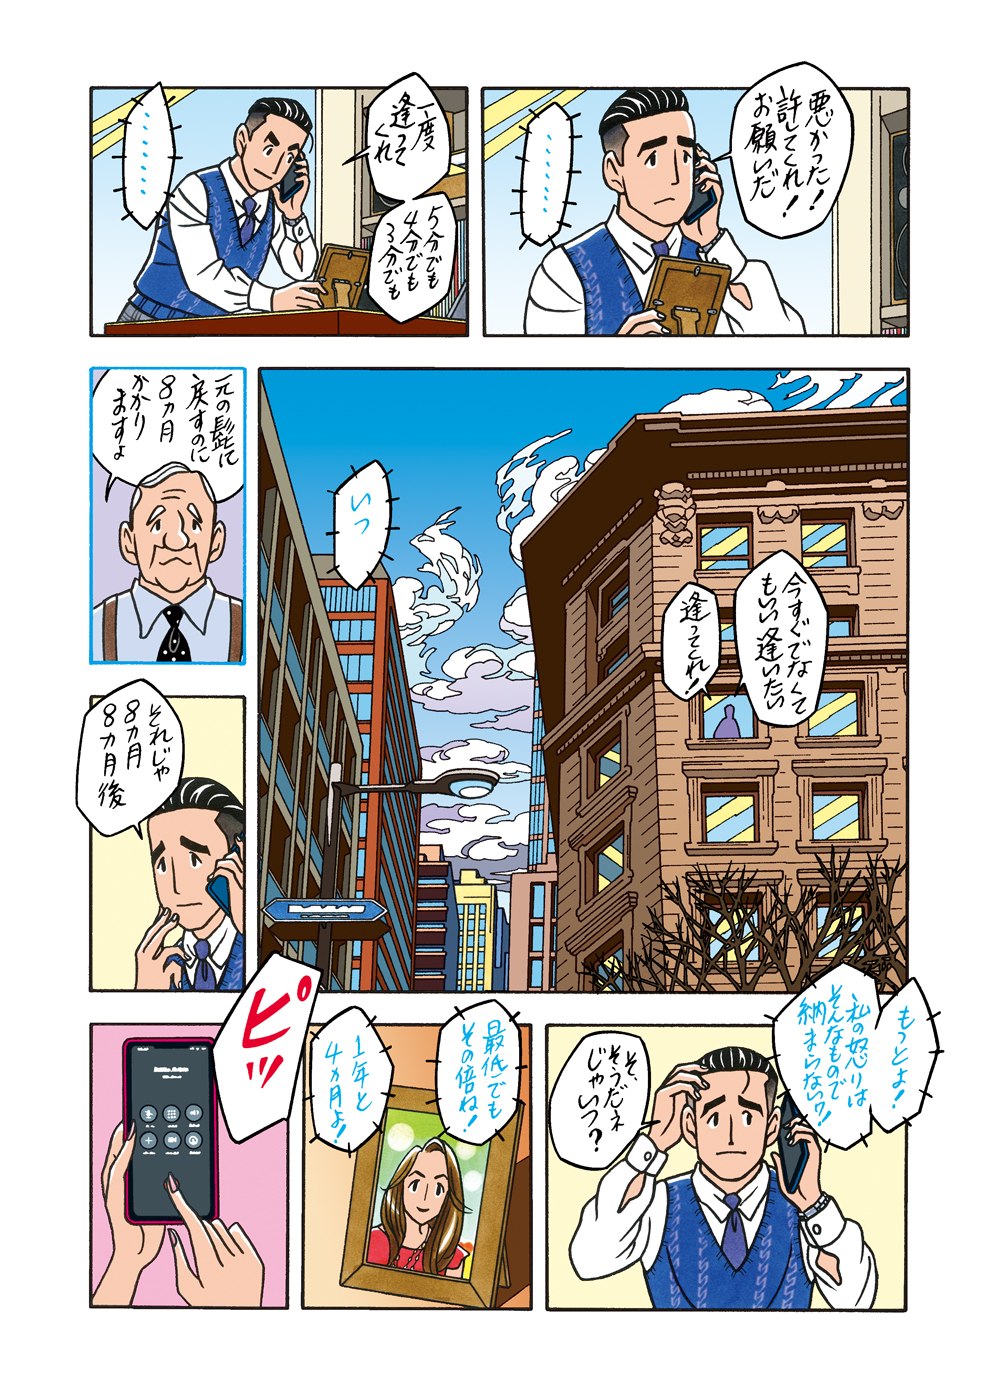 ワンダーカクテル 【第22話 その男の髭】7ページ目画像